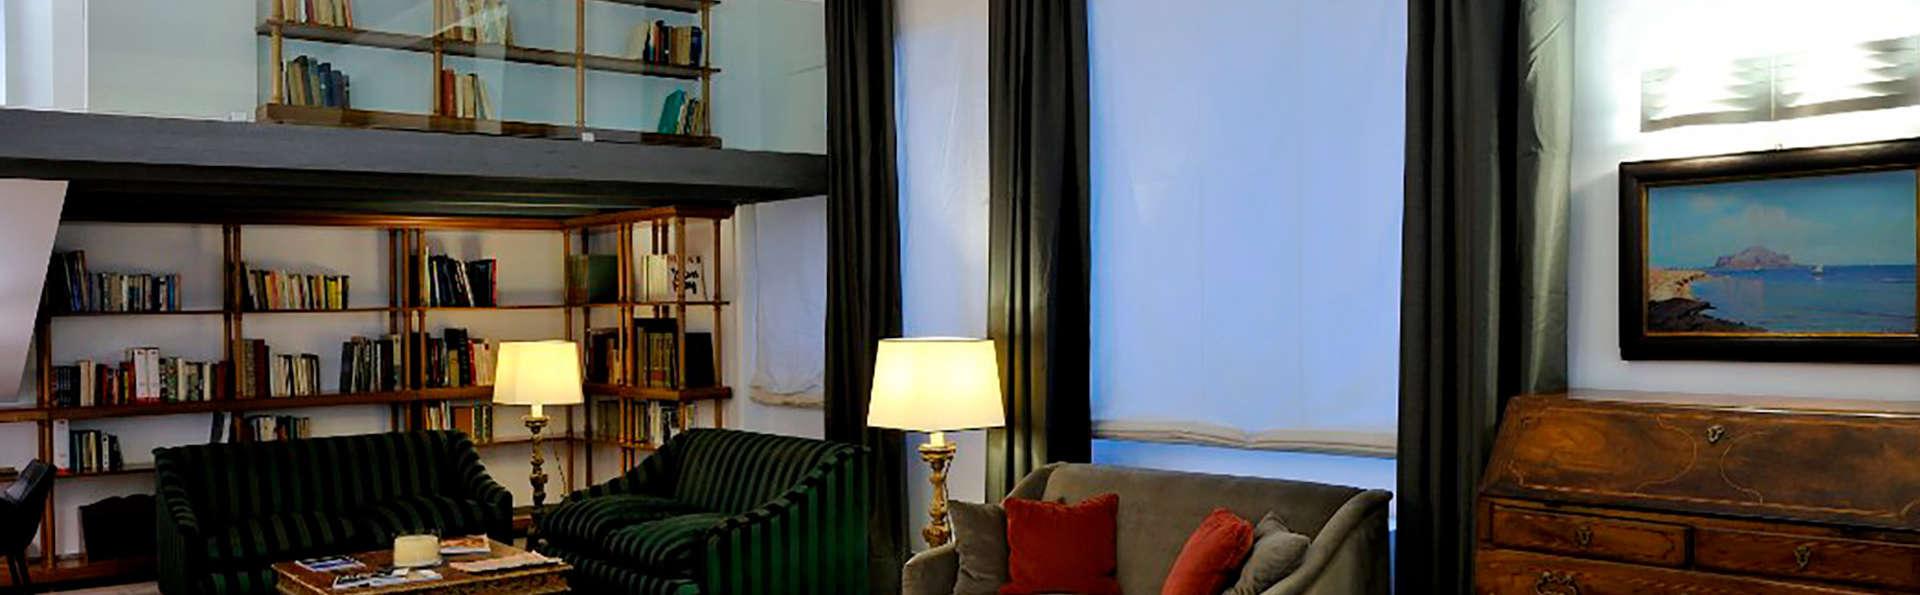 Hotel Principe di Villafranca - EDIT_LOBBY_02.jpg